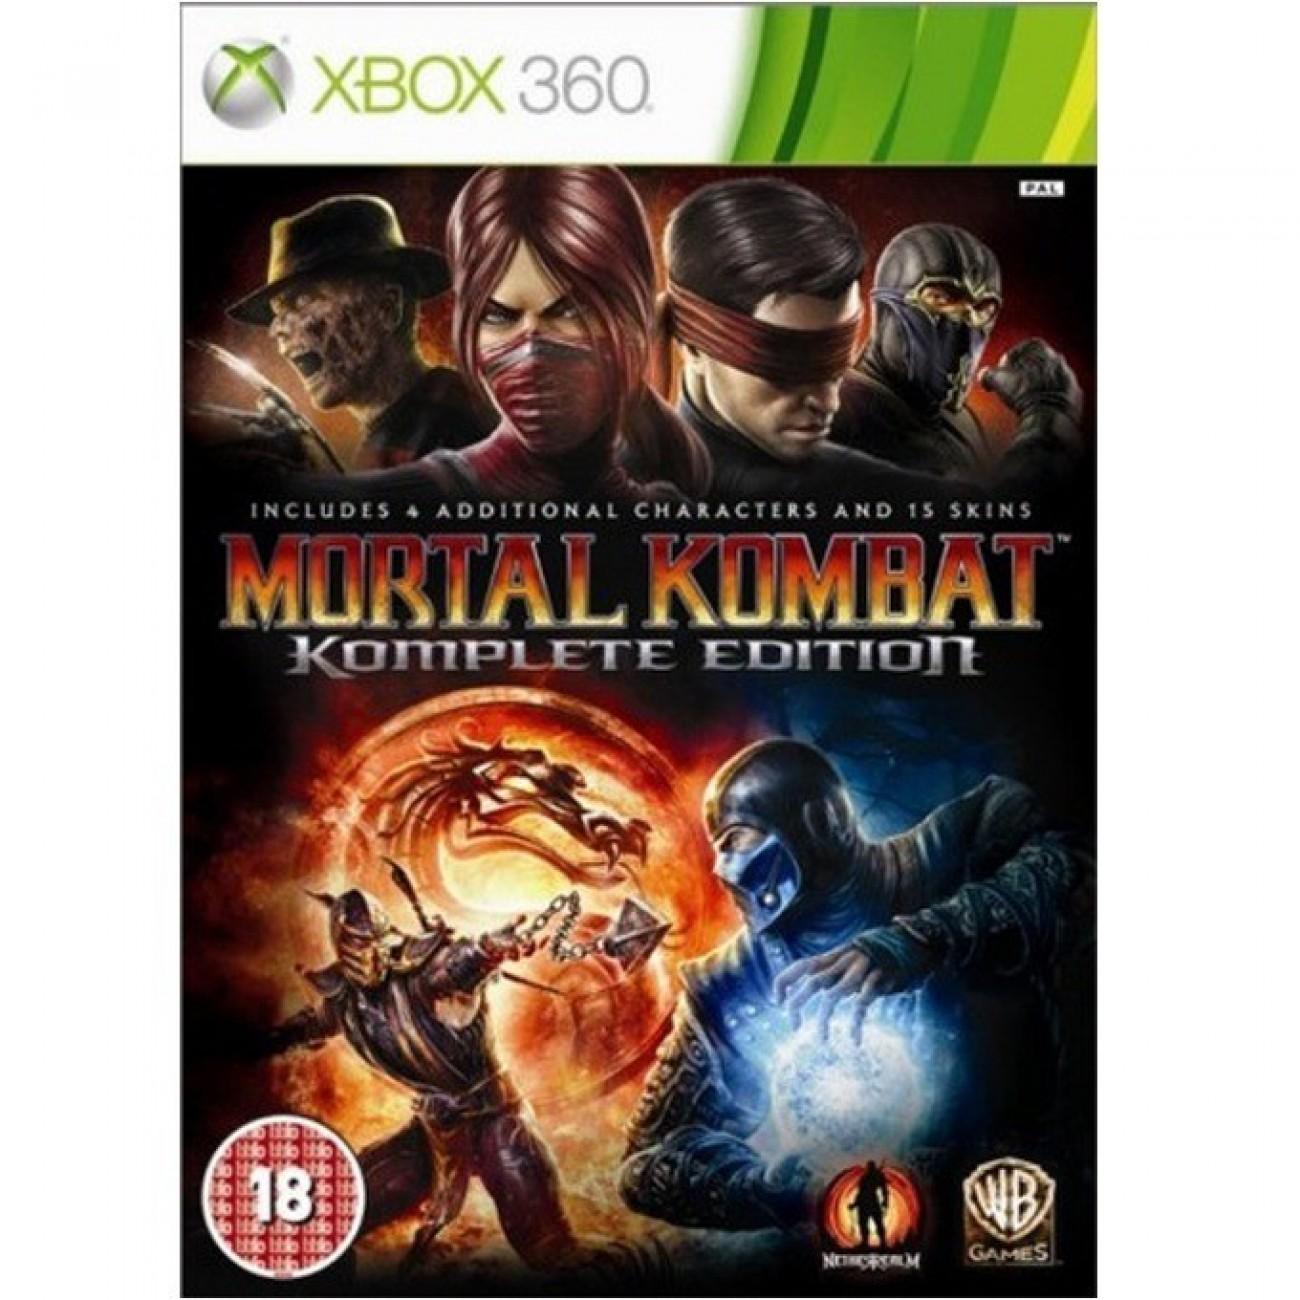 Игра за конзола Mortal Kombat Komplete Edition, за Xbox 360 в Игри за Конзоли - WB Interactive | Alleop